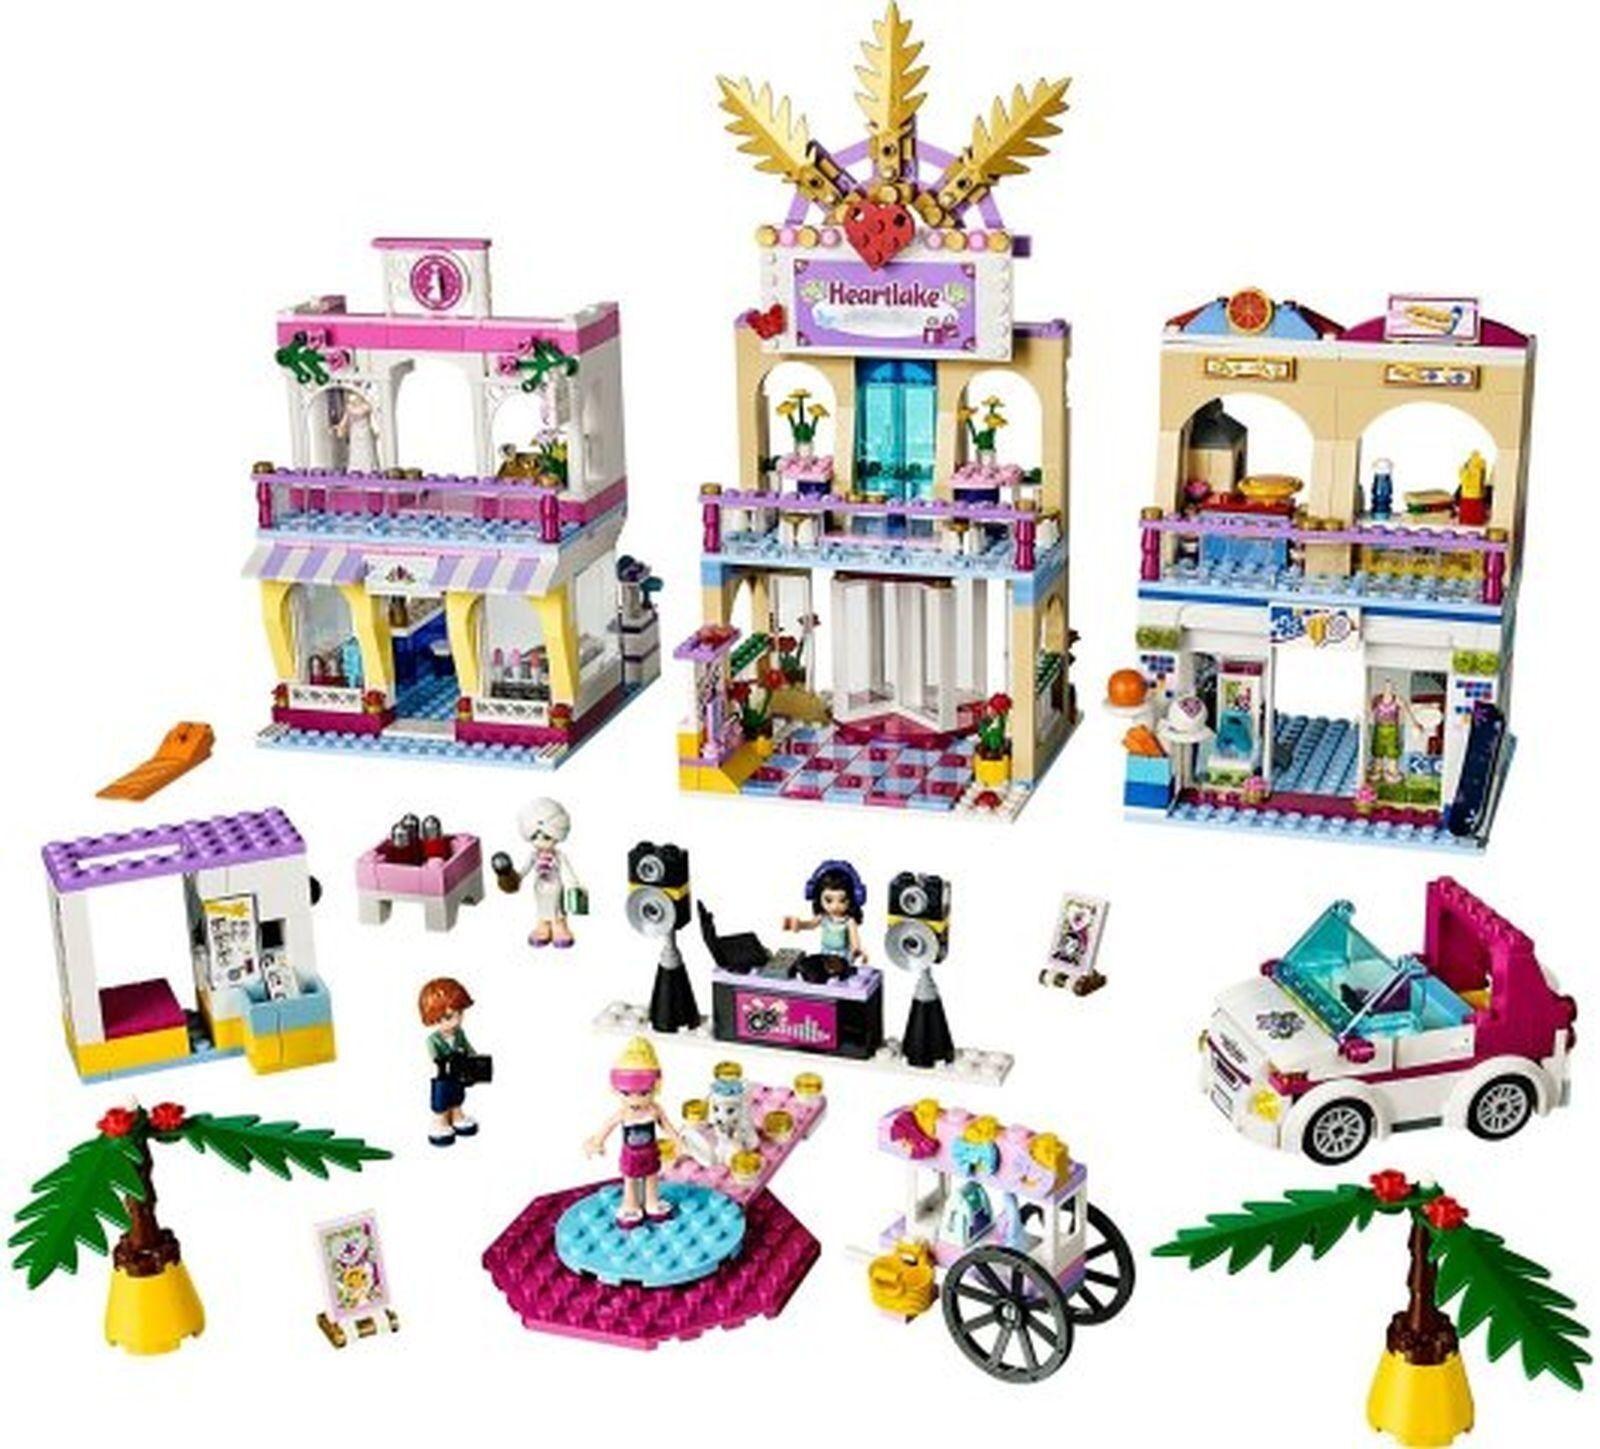 Lego 41058 amigos  Heartlake Centro Comercial Comercial Comercial  4 Minifiguras Completa  distribución global